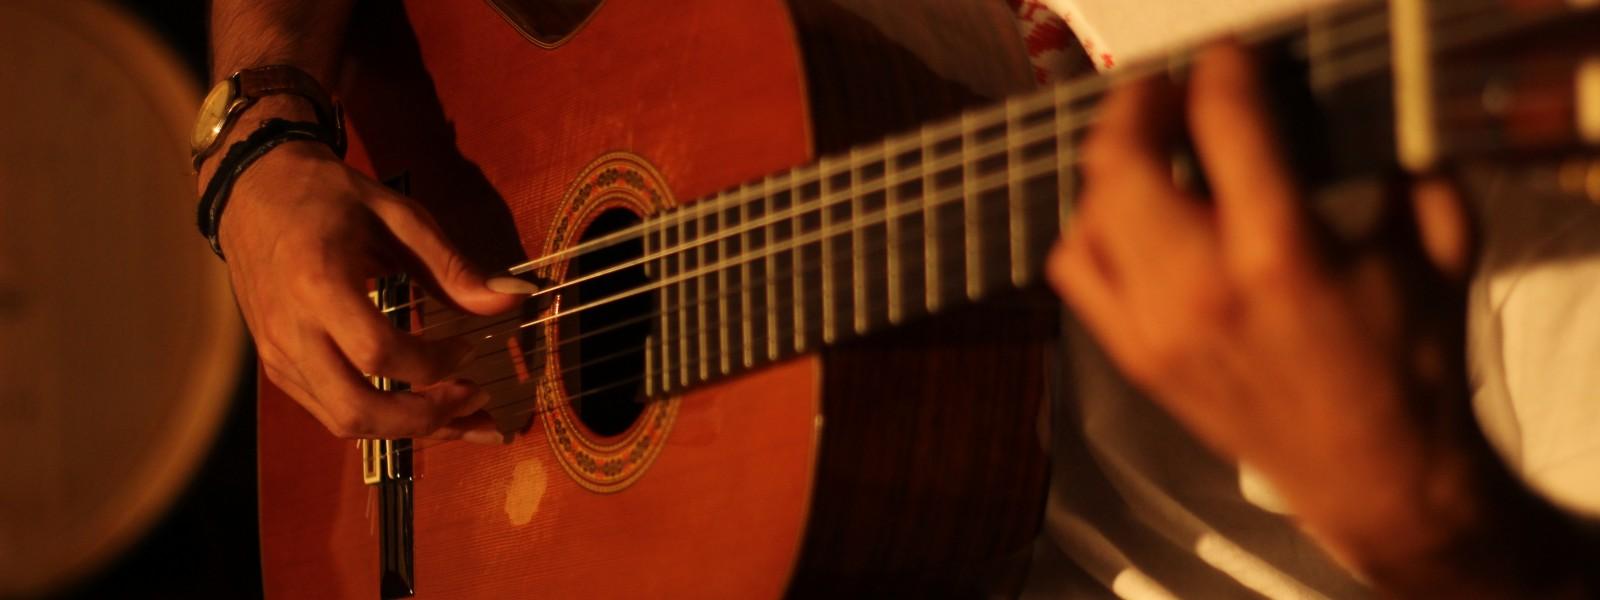 grutera guitarra